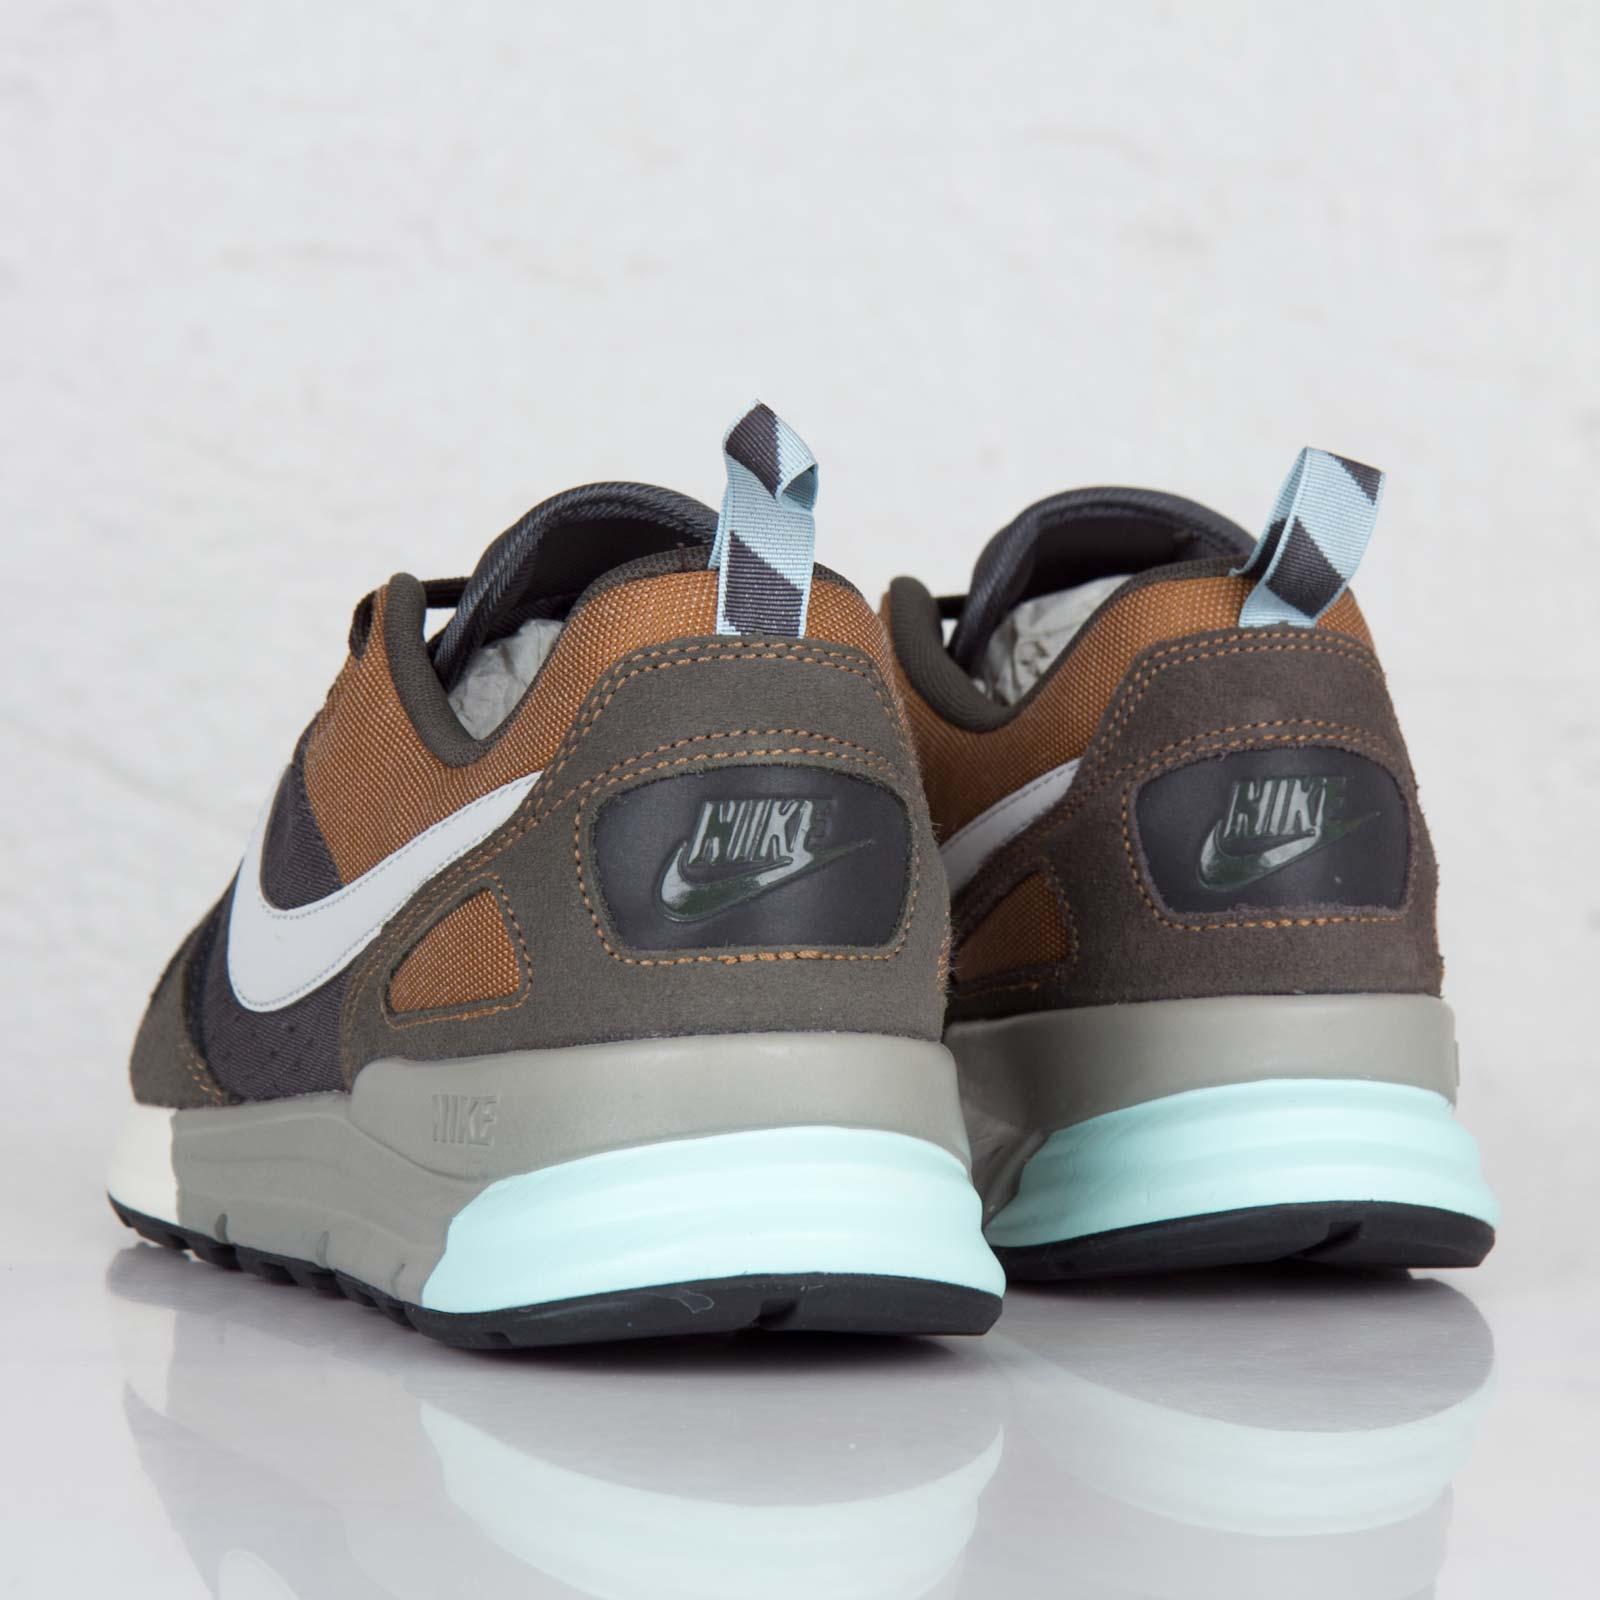 newest 83eb0 76b14 Nike Lunar Pegasus 89 - 599472-001 - Sneakersnstuff   sneakers   streetwear  online since 1999